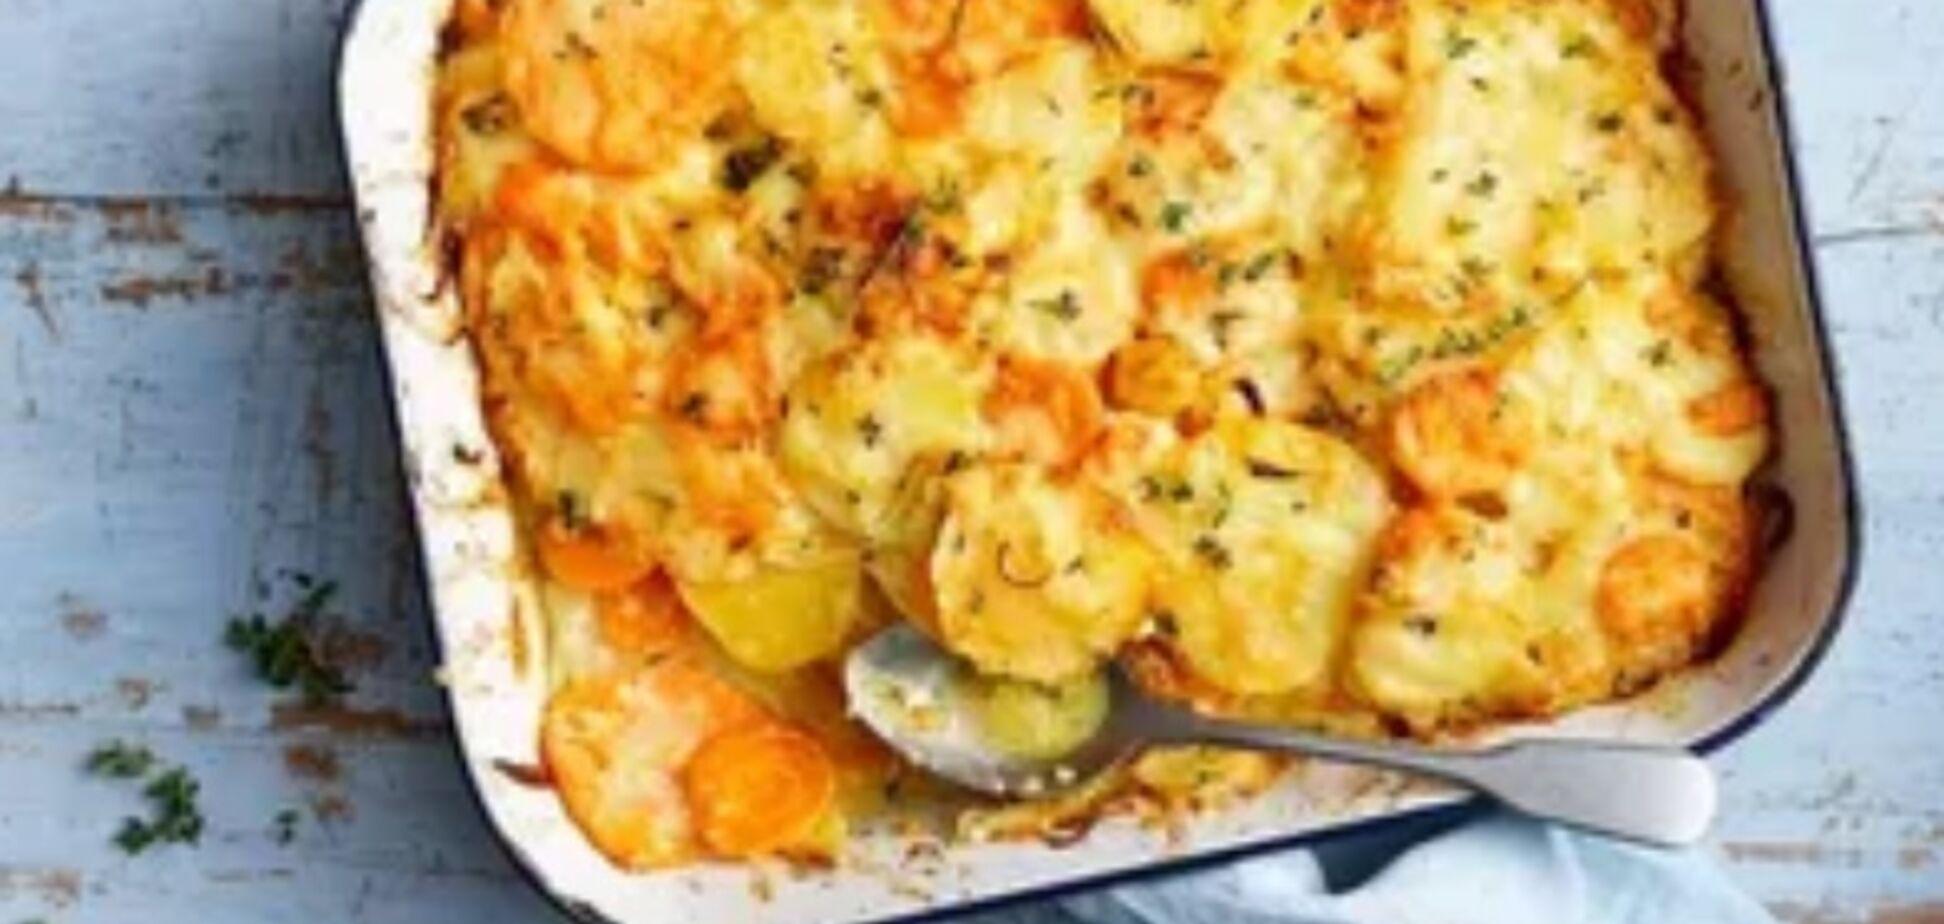 Рецепт очень вкусной картошки с овощами в духовке слоями